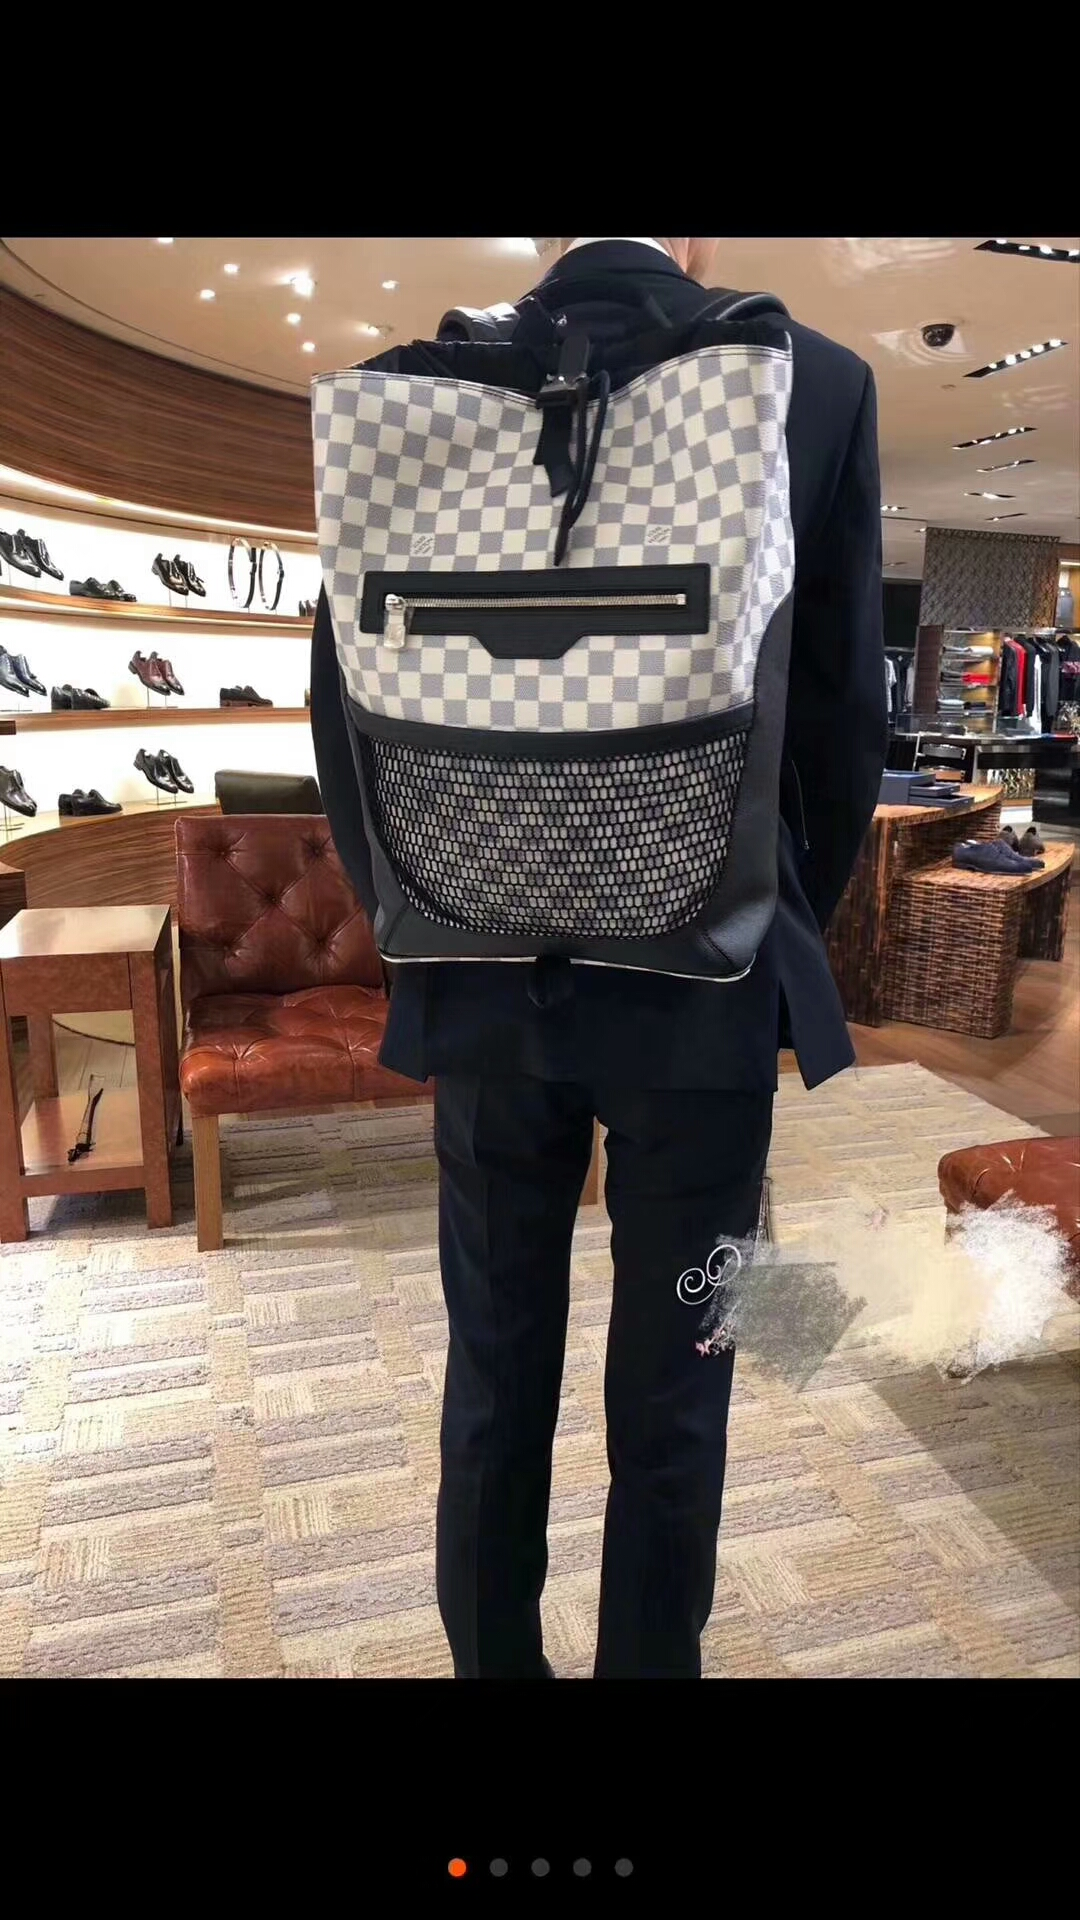 LV男包双肩包 LU MATCHPOINT双肩背包40018 都市时尚